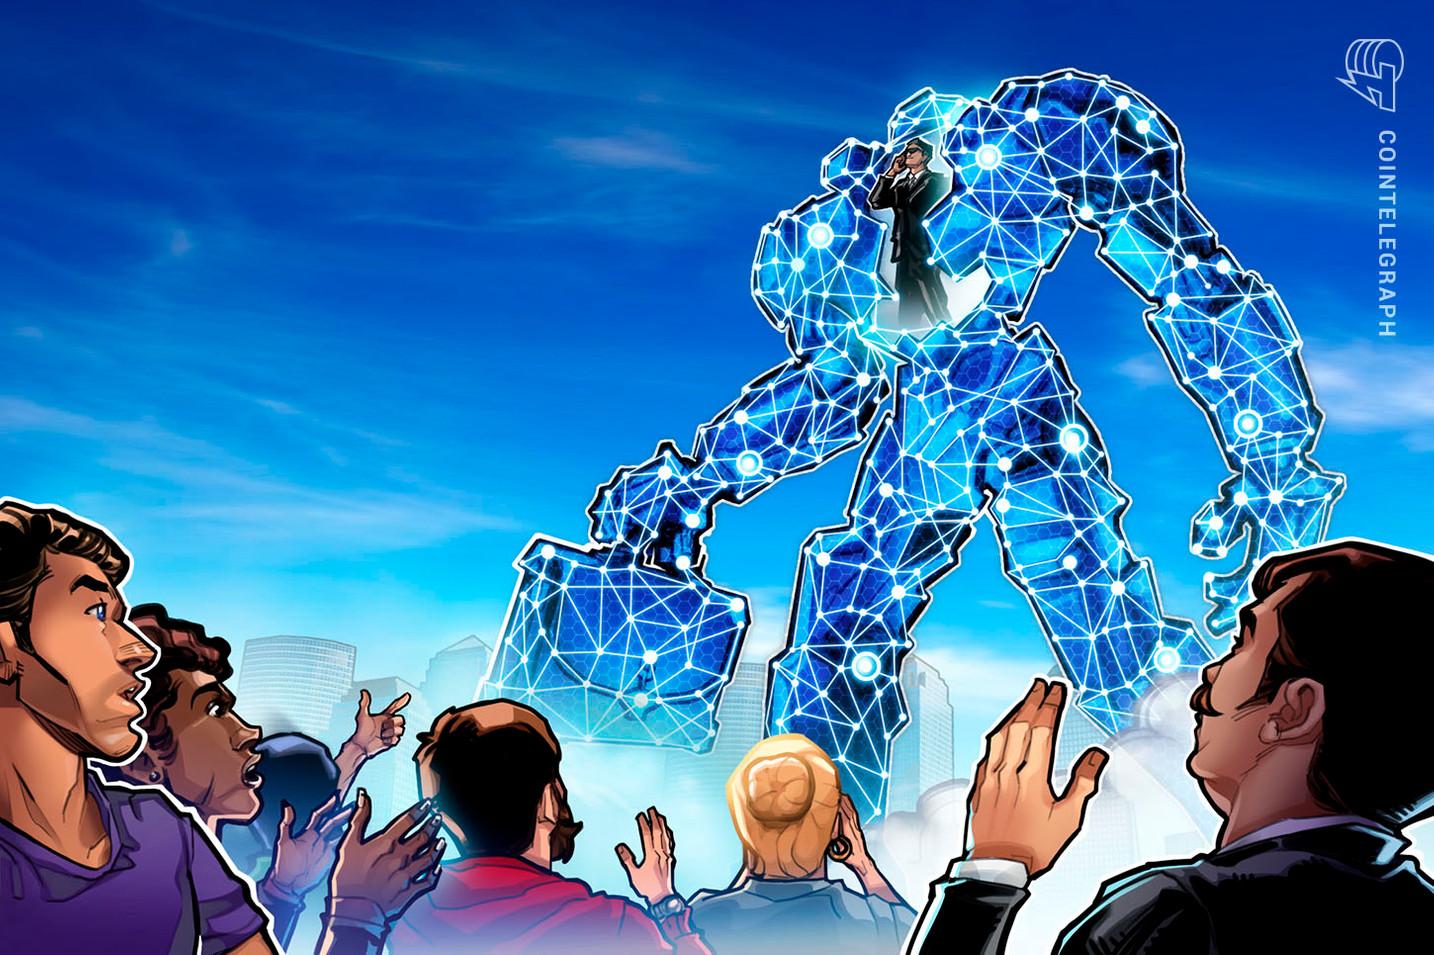 Grande holding de tecnologia e ConsenSys assinam MoU para desenvolver hub de negócios Blockchain